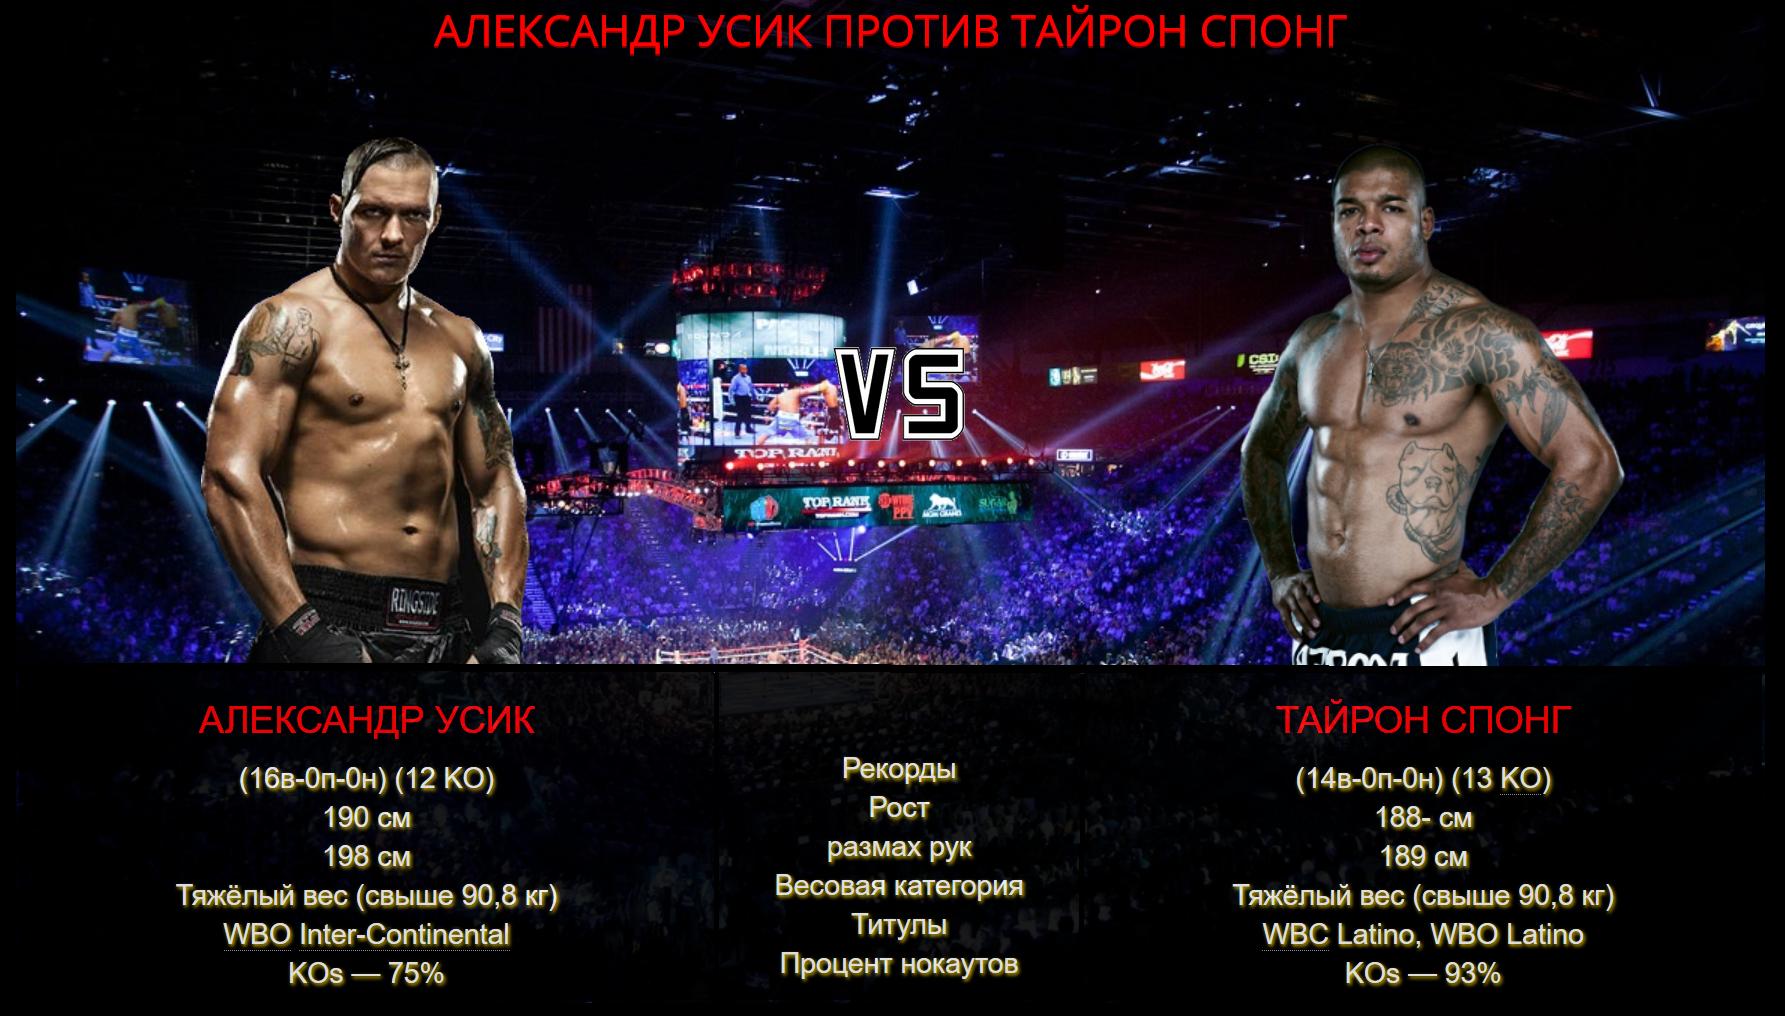 Александр Усик - Тайрон Спонг